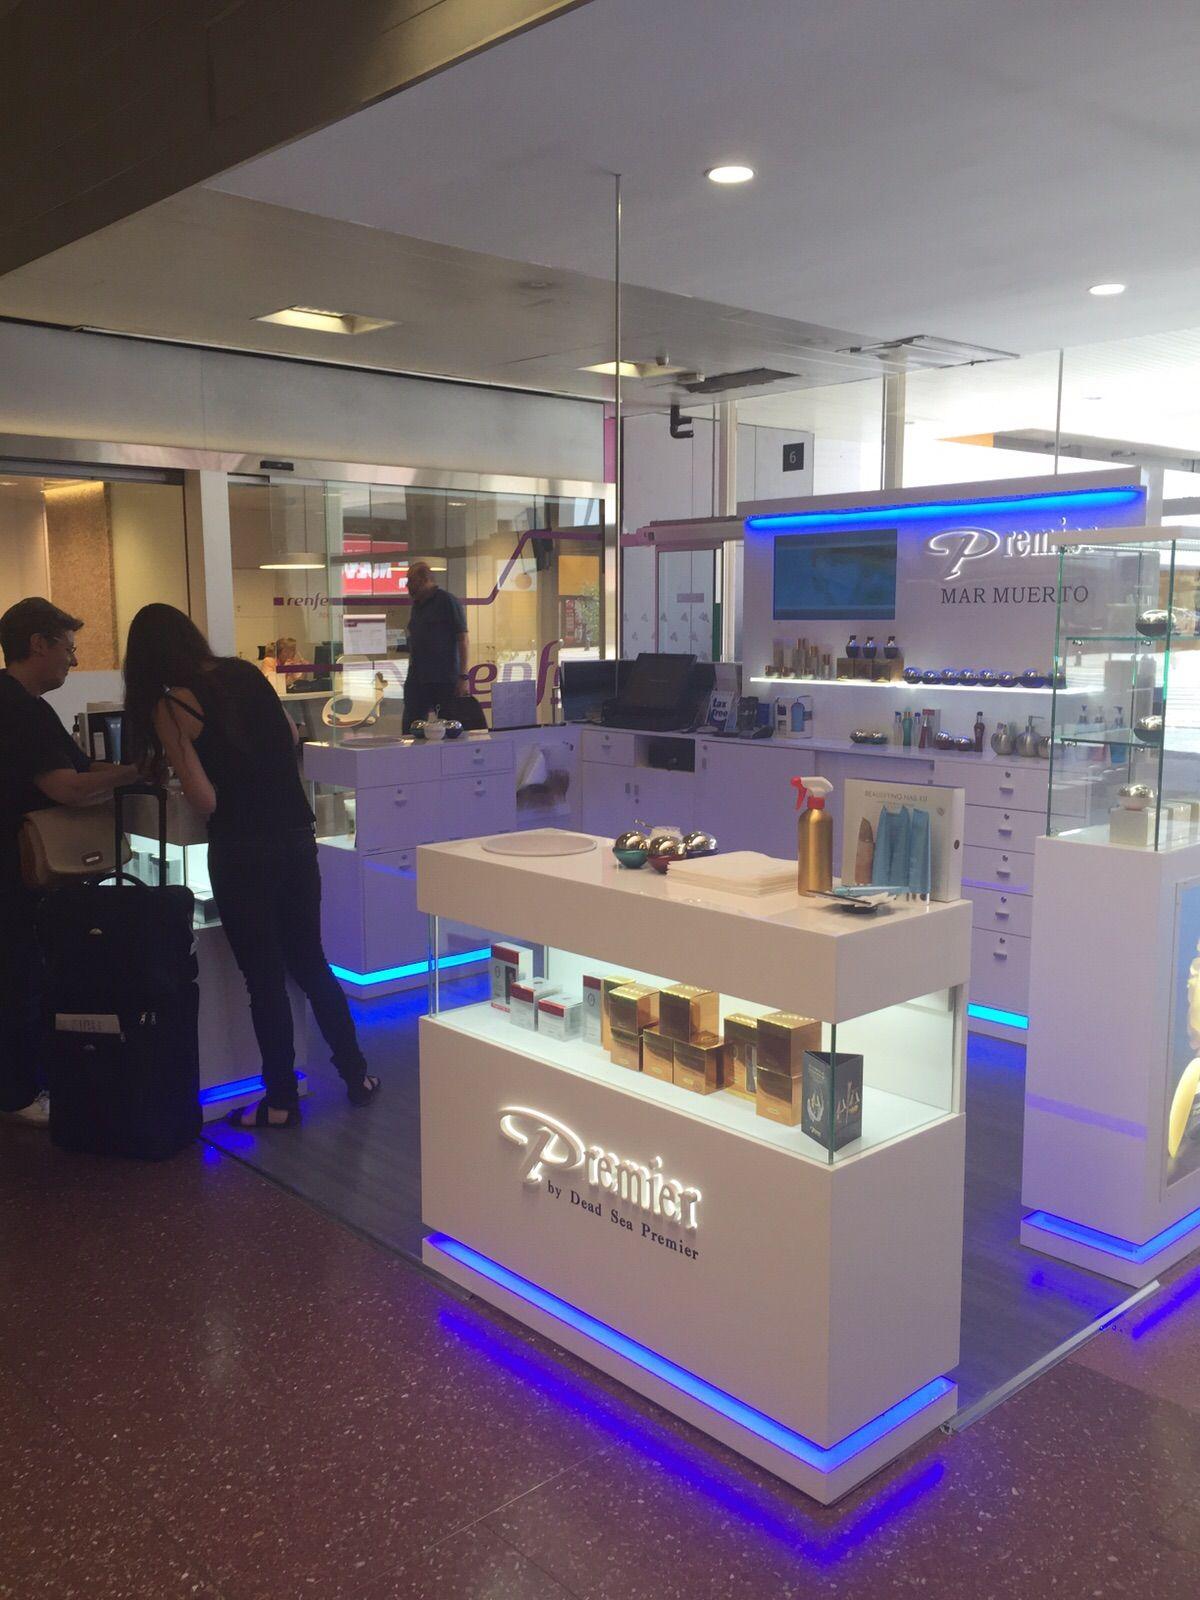 Stand Premier Cosmeticos En La Estacion De Chamartin De Madrid